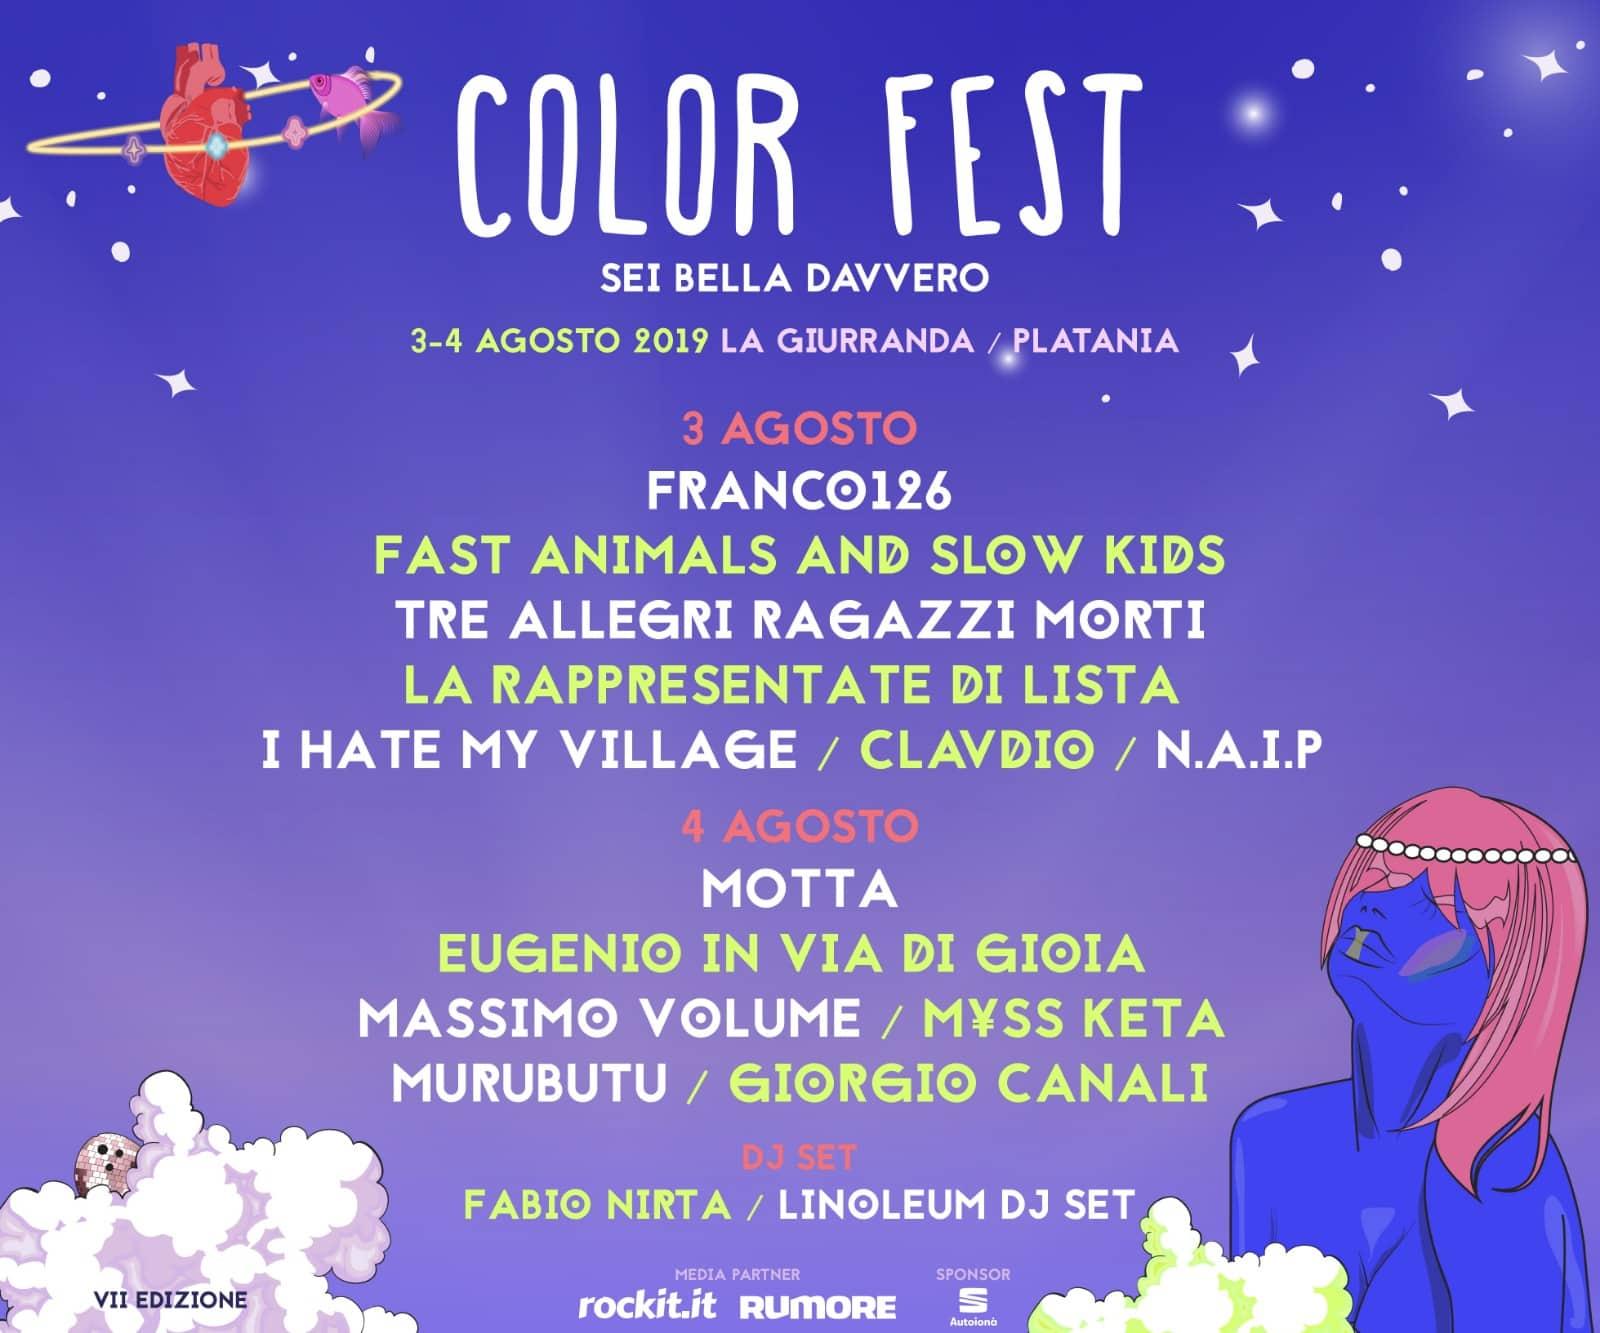 Color Fest_Line up completa.jpg